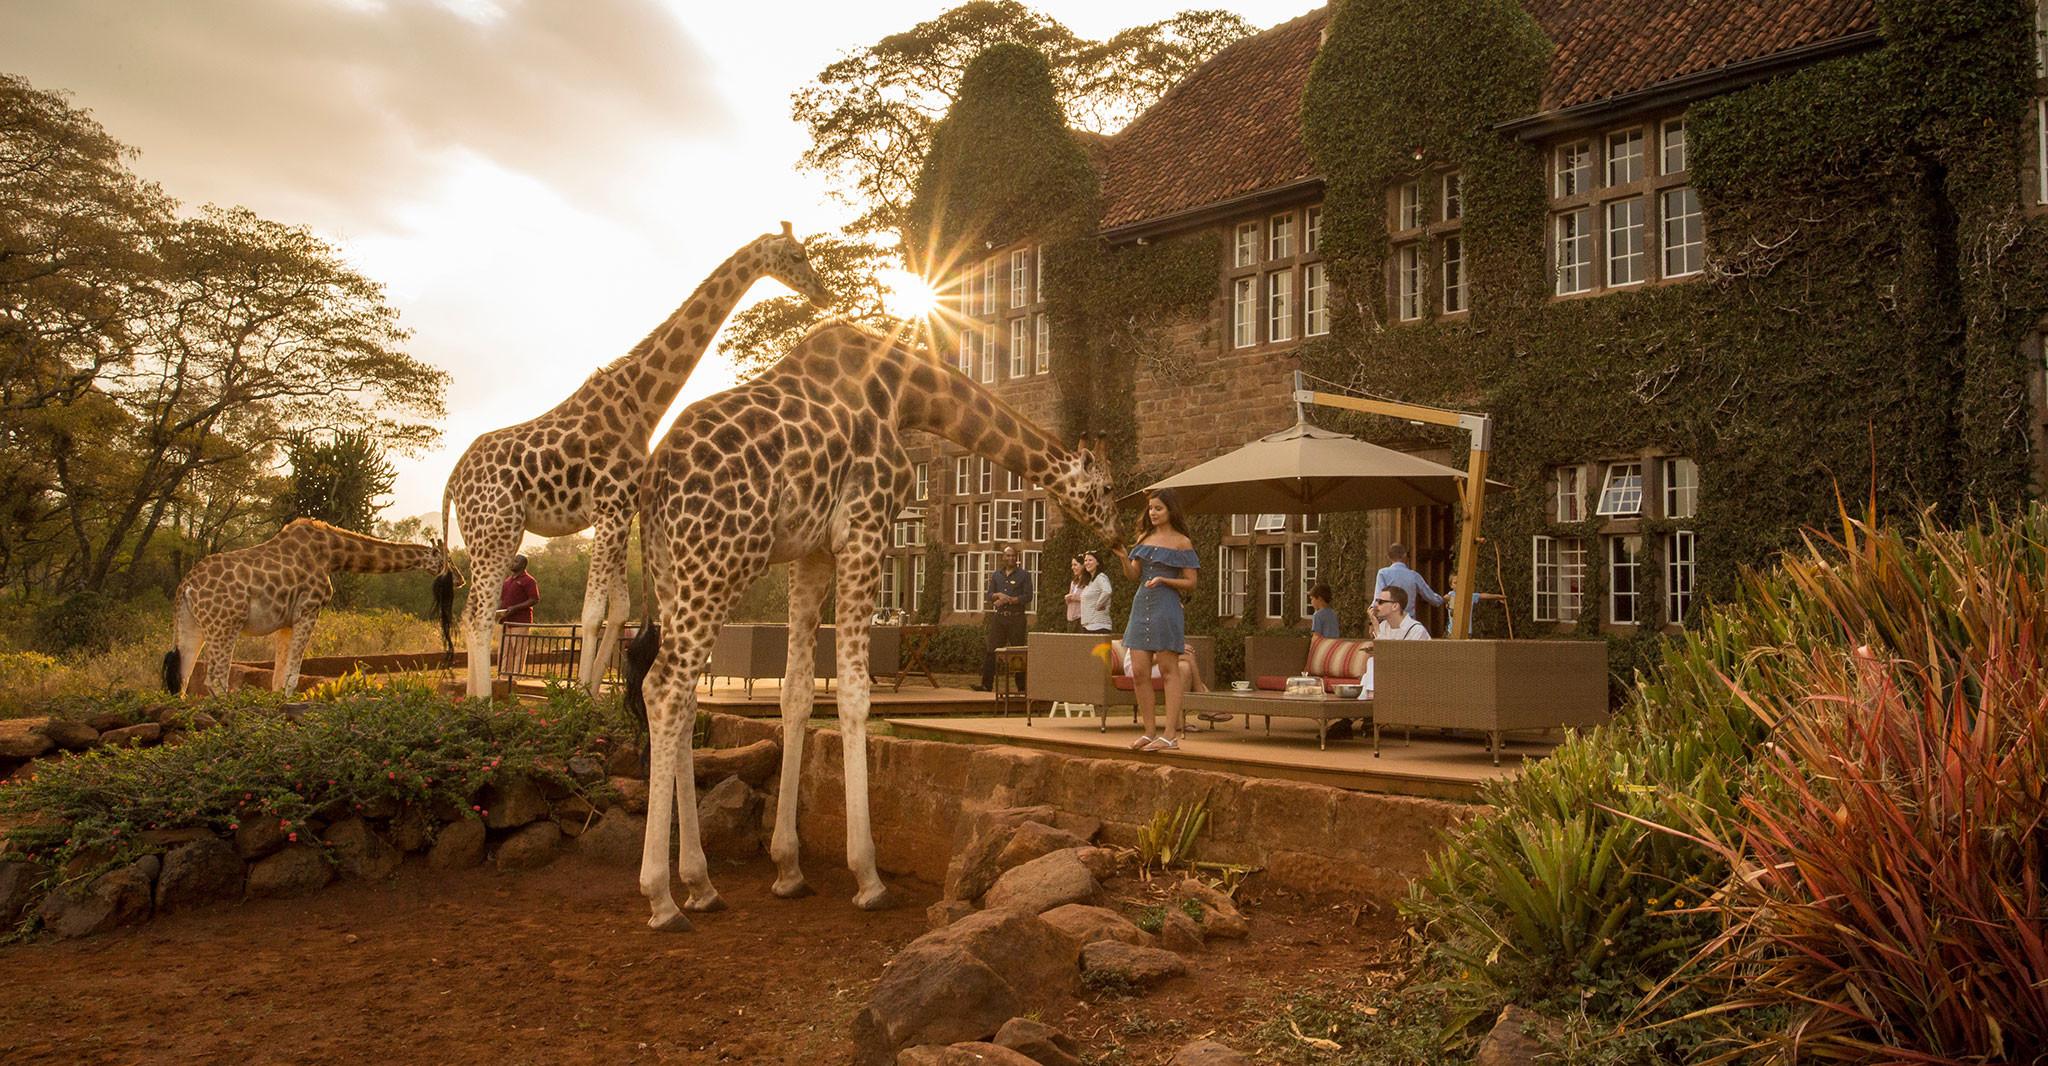 Du lịch châu Phi,Hươu cao cổ